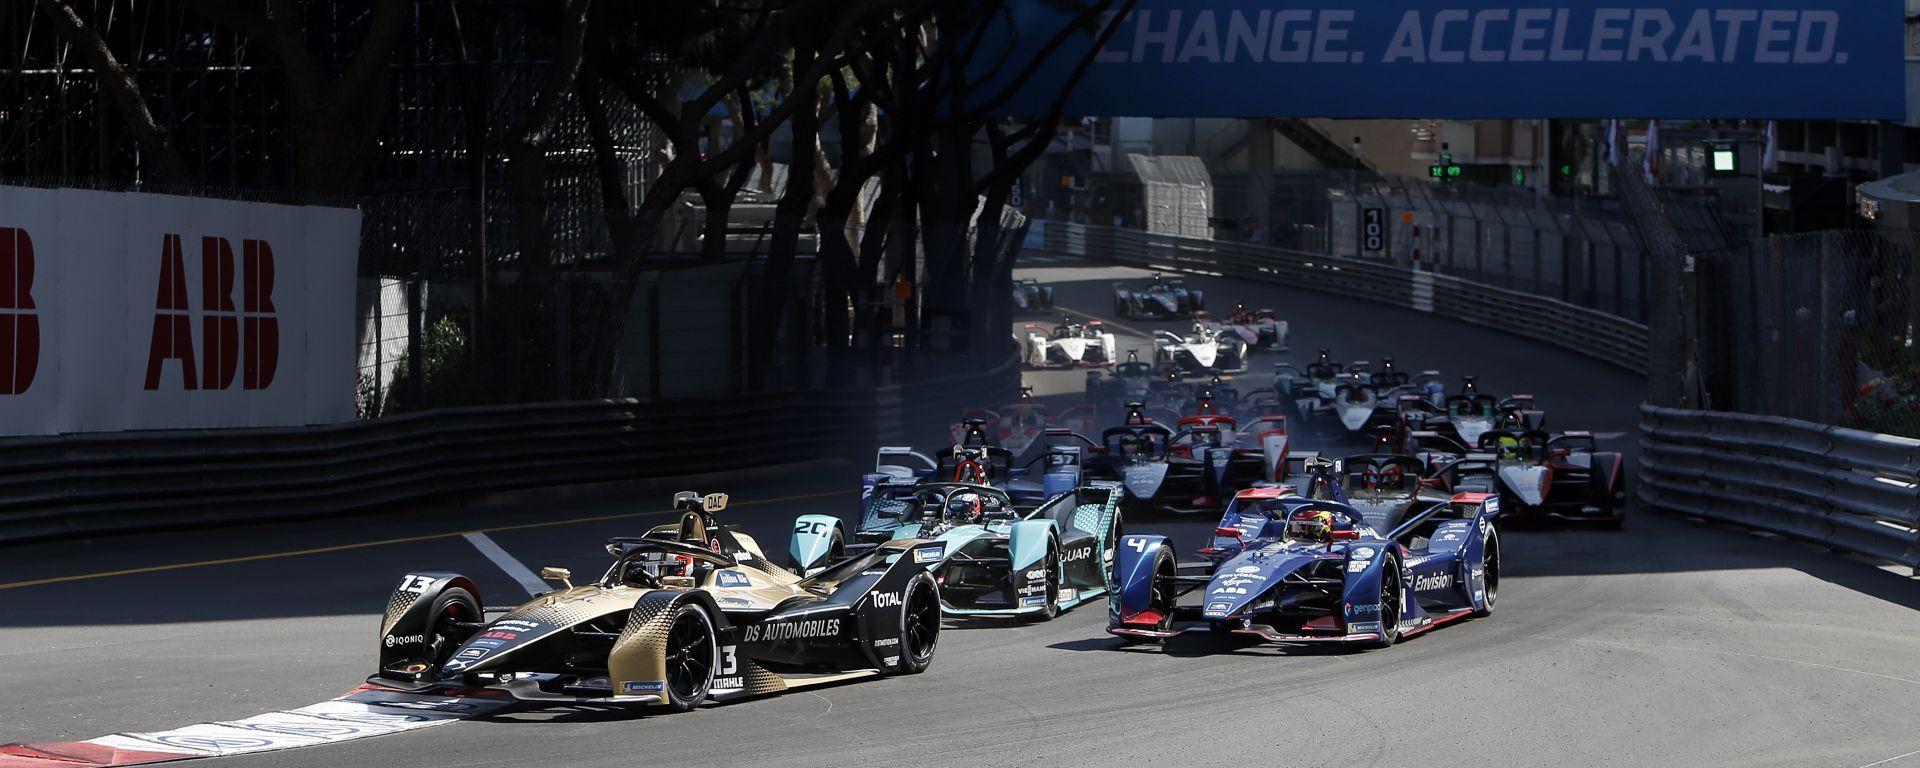 La partenza dell'ePrix di Monaco 2021